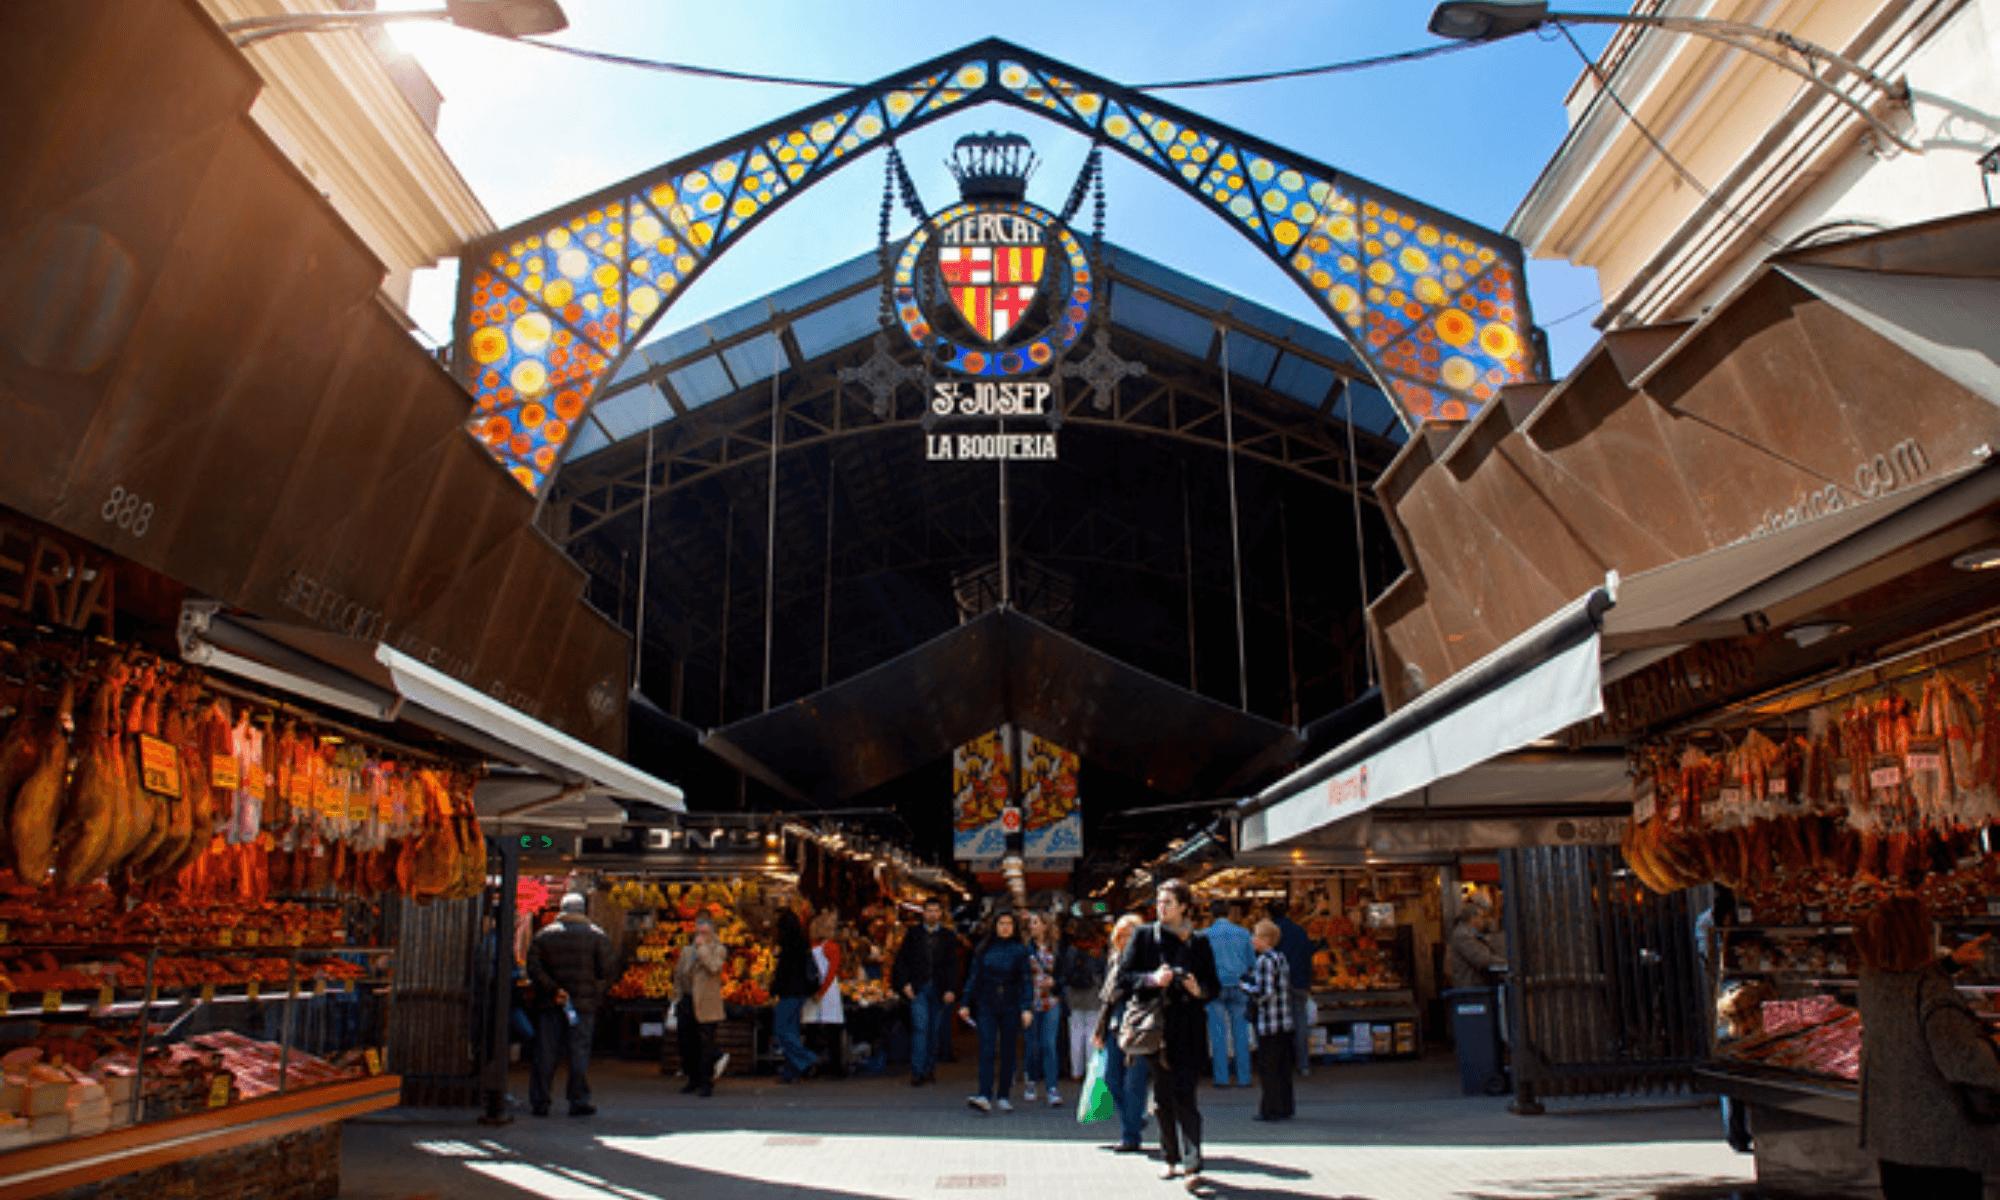 La Boqueria cumple 180 años descubre las curiosidades del mercado de Barcelona más famoso a nivel mundial 1